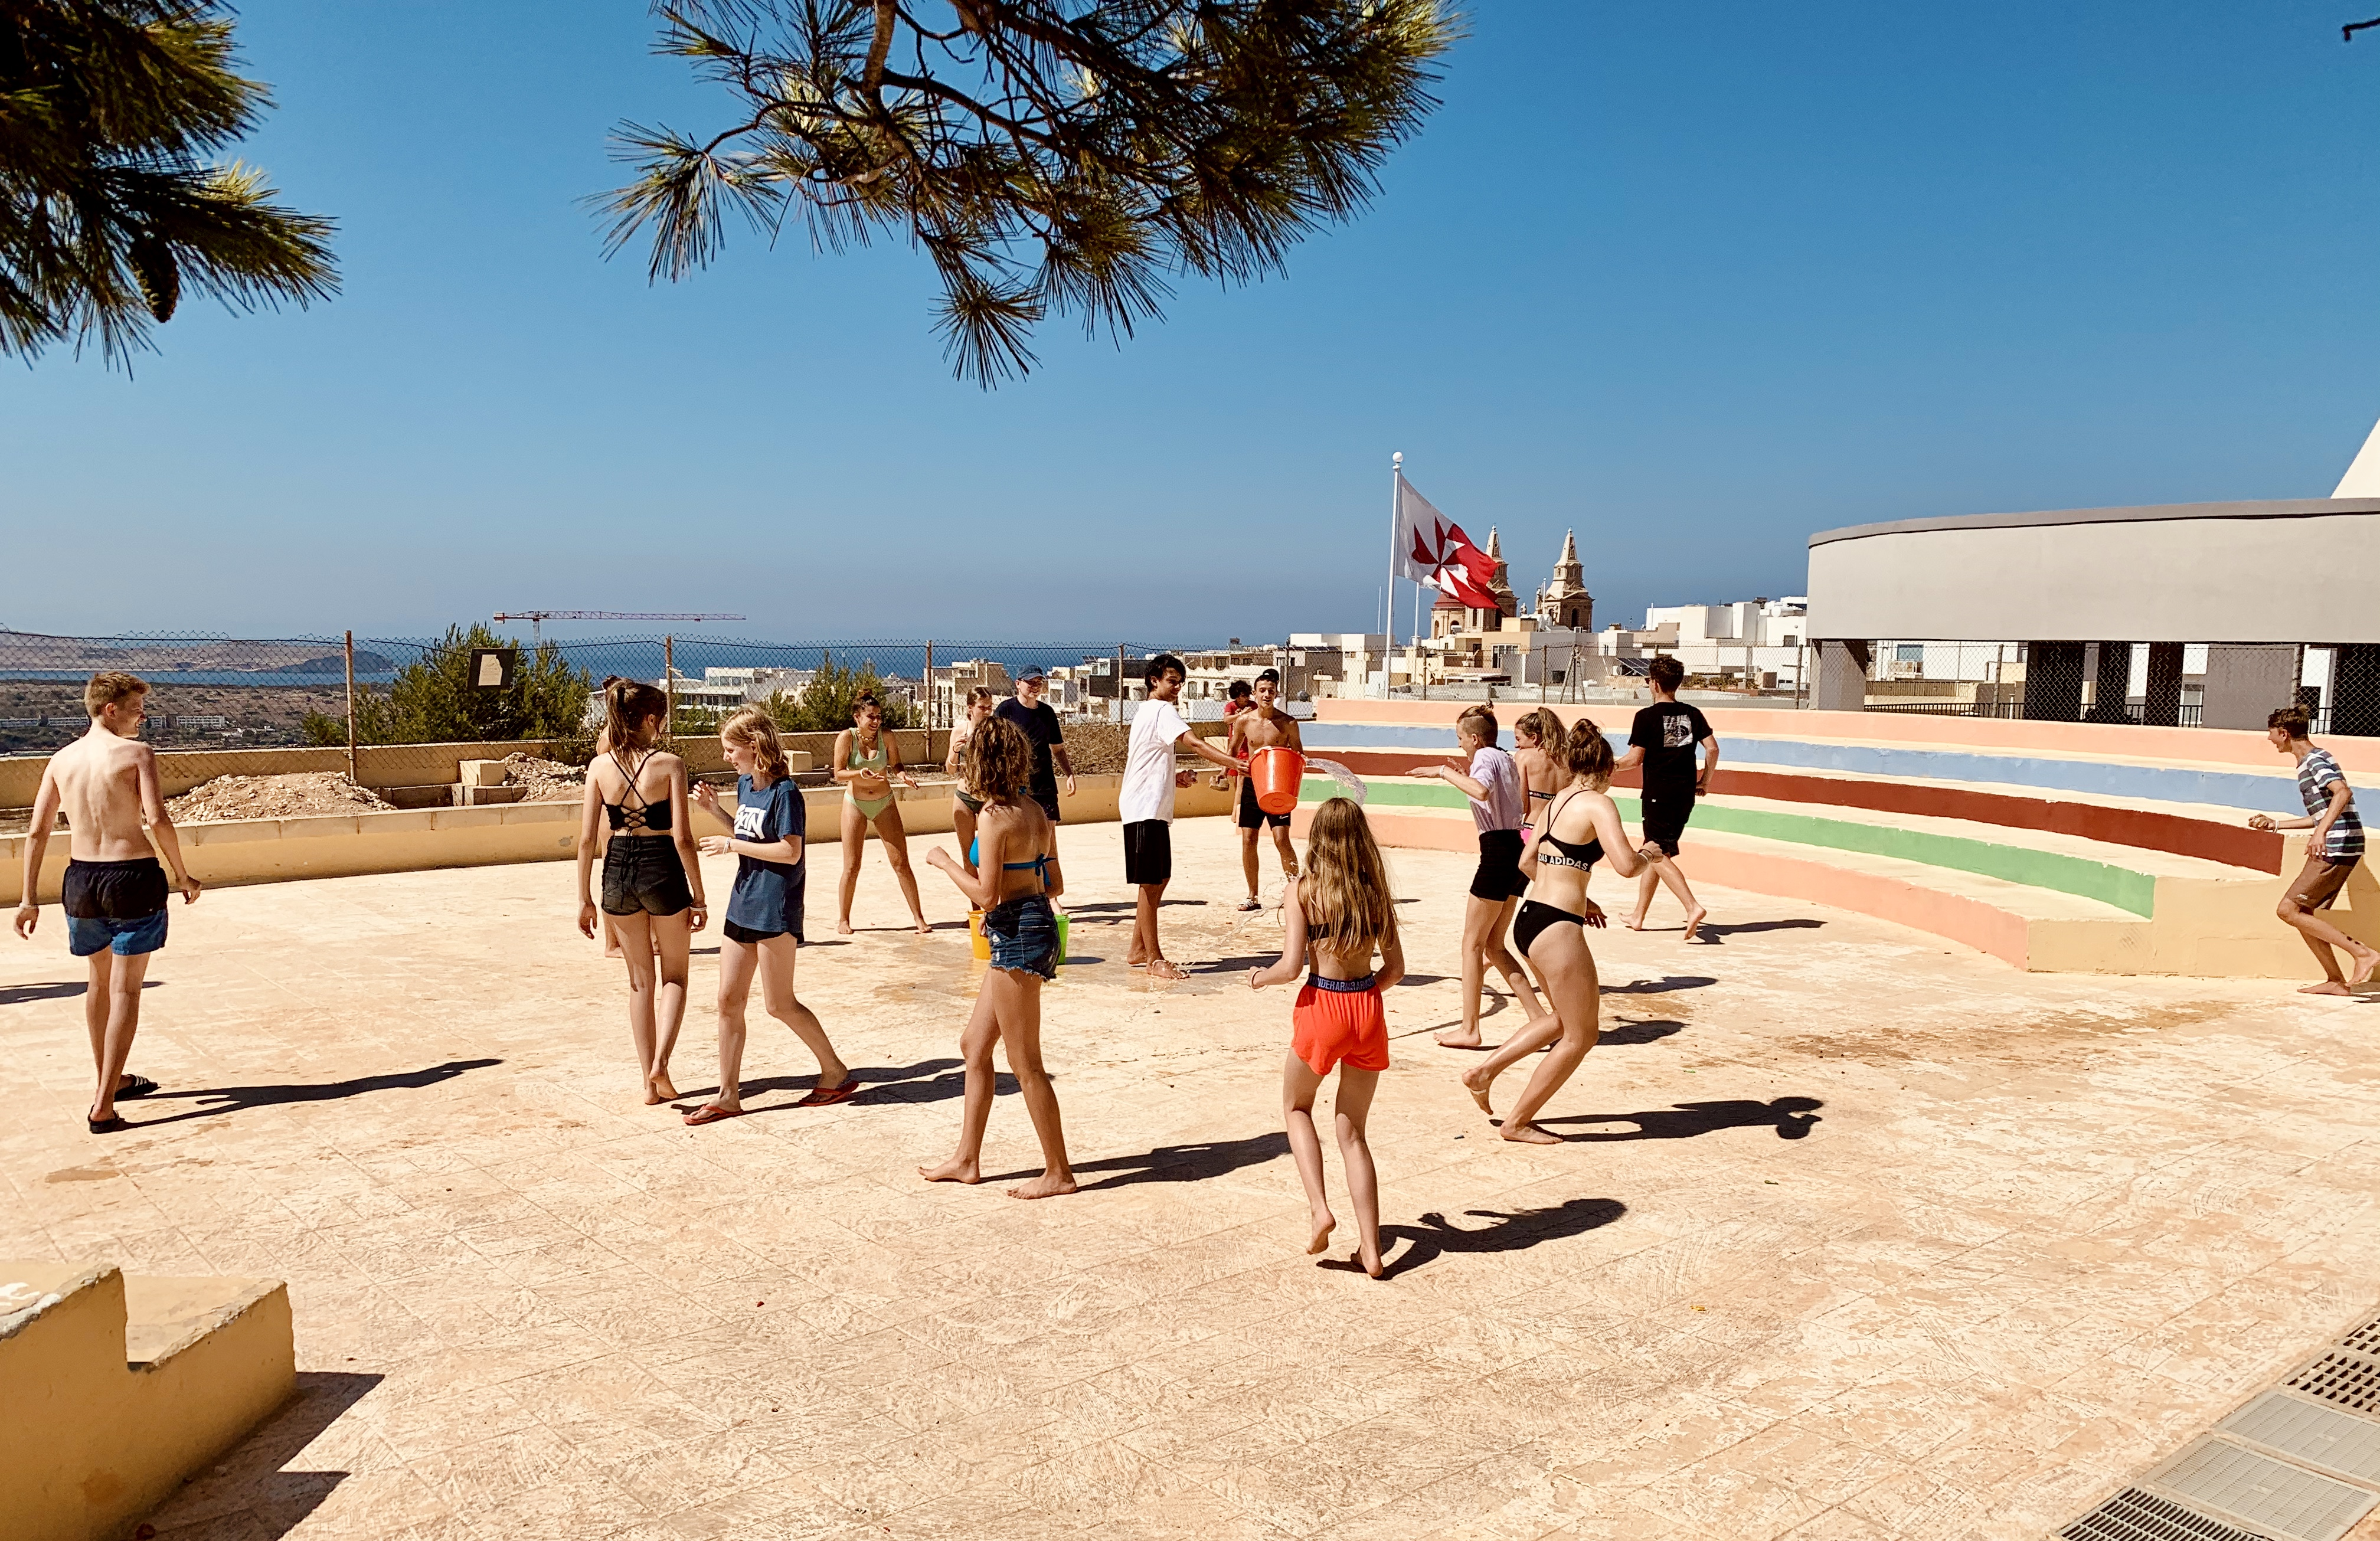 Schülersprachreise in Malta - Ein Erfahrungsbericht von Joelle Meier